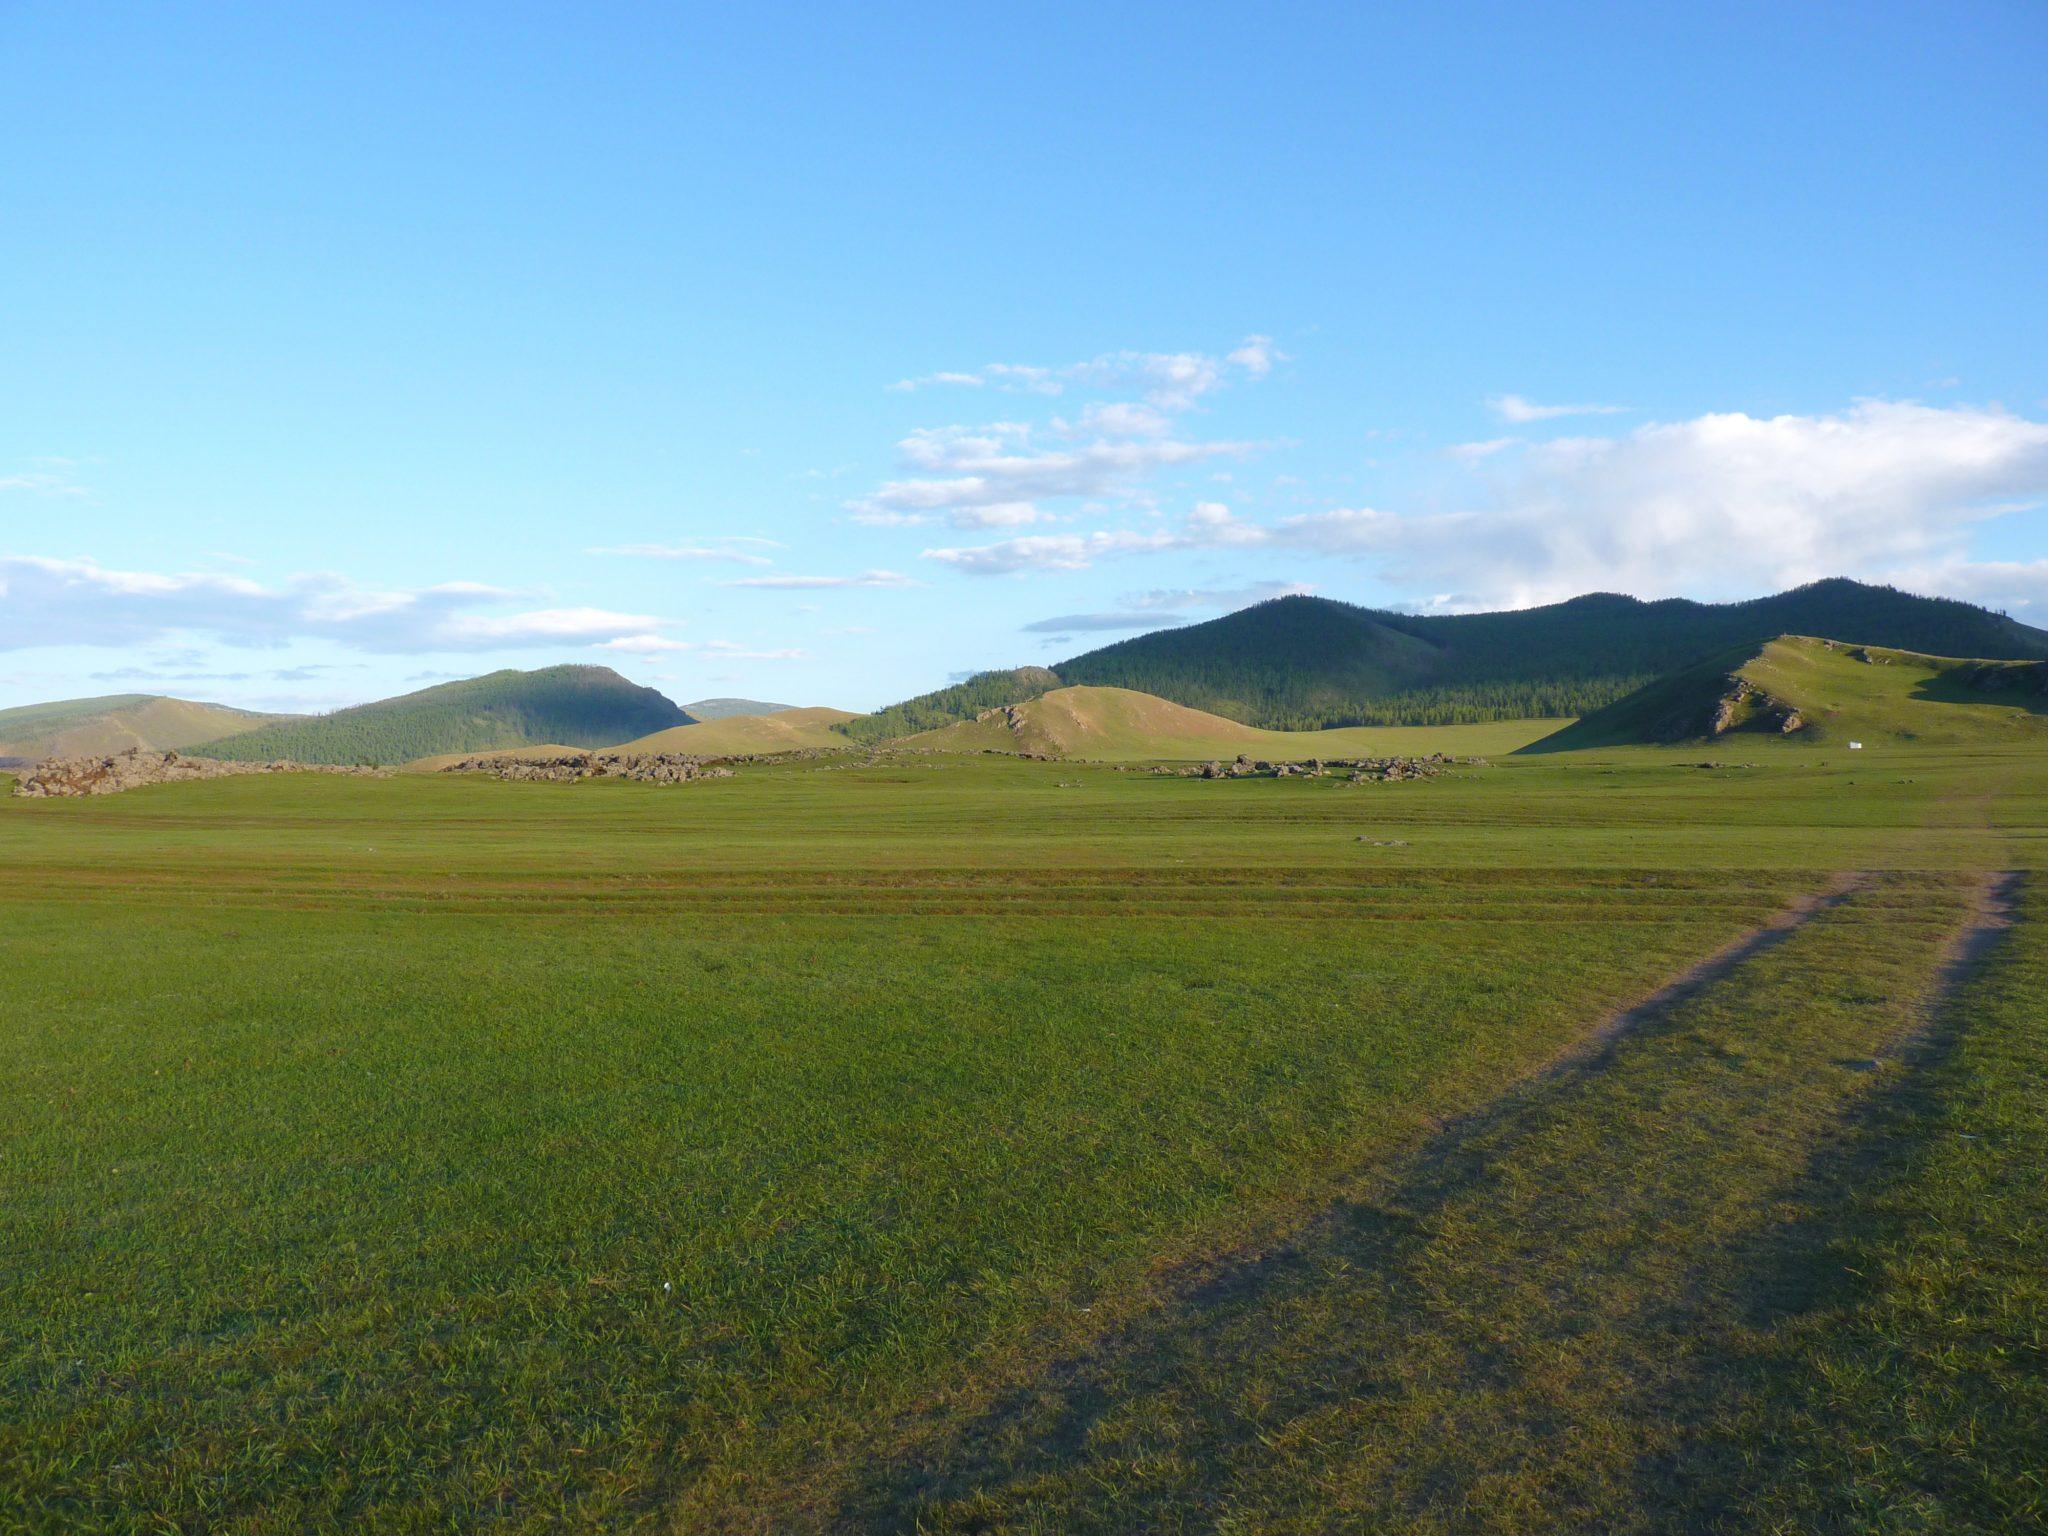 Acampamento nómada 07 Mongólia Mundo Indefinido